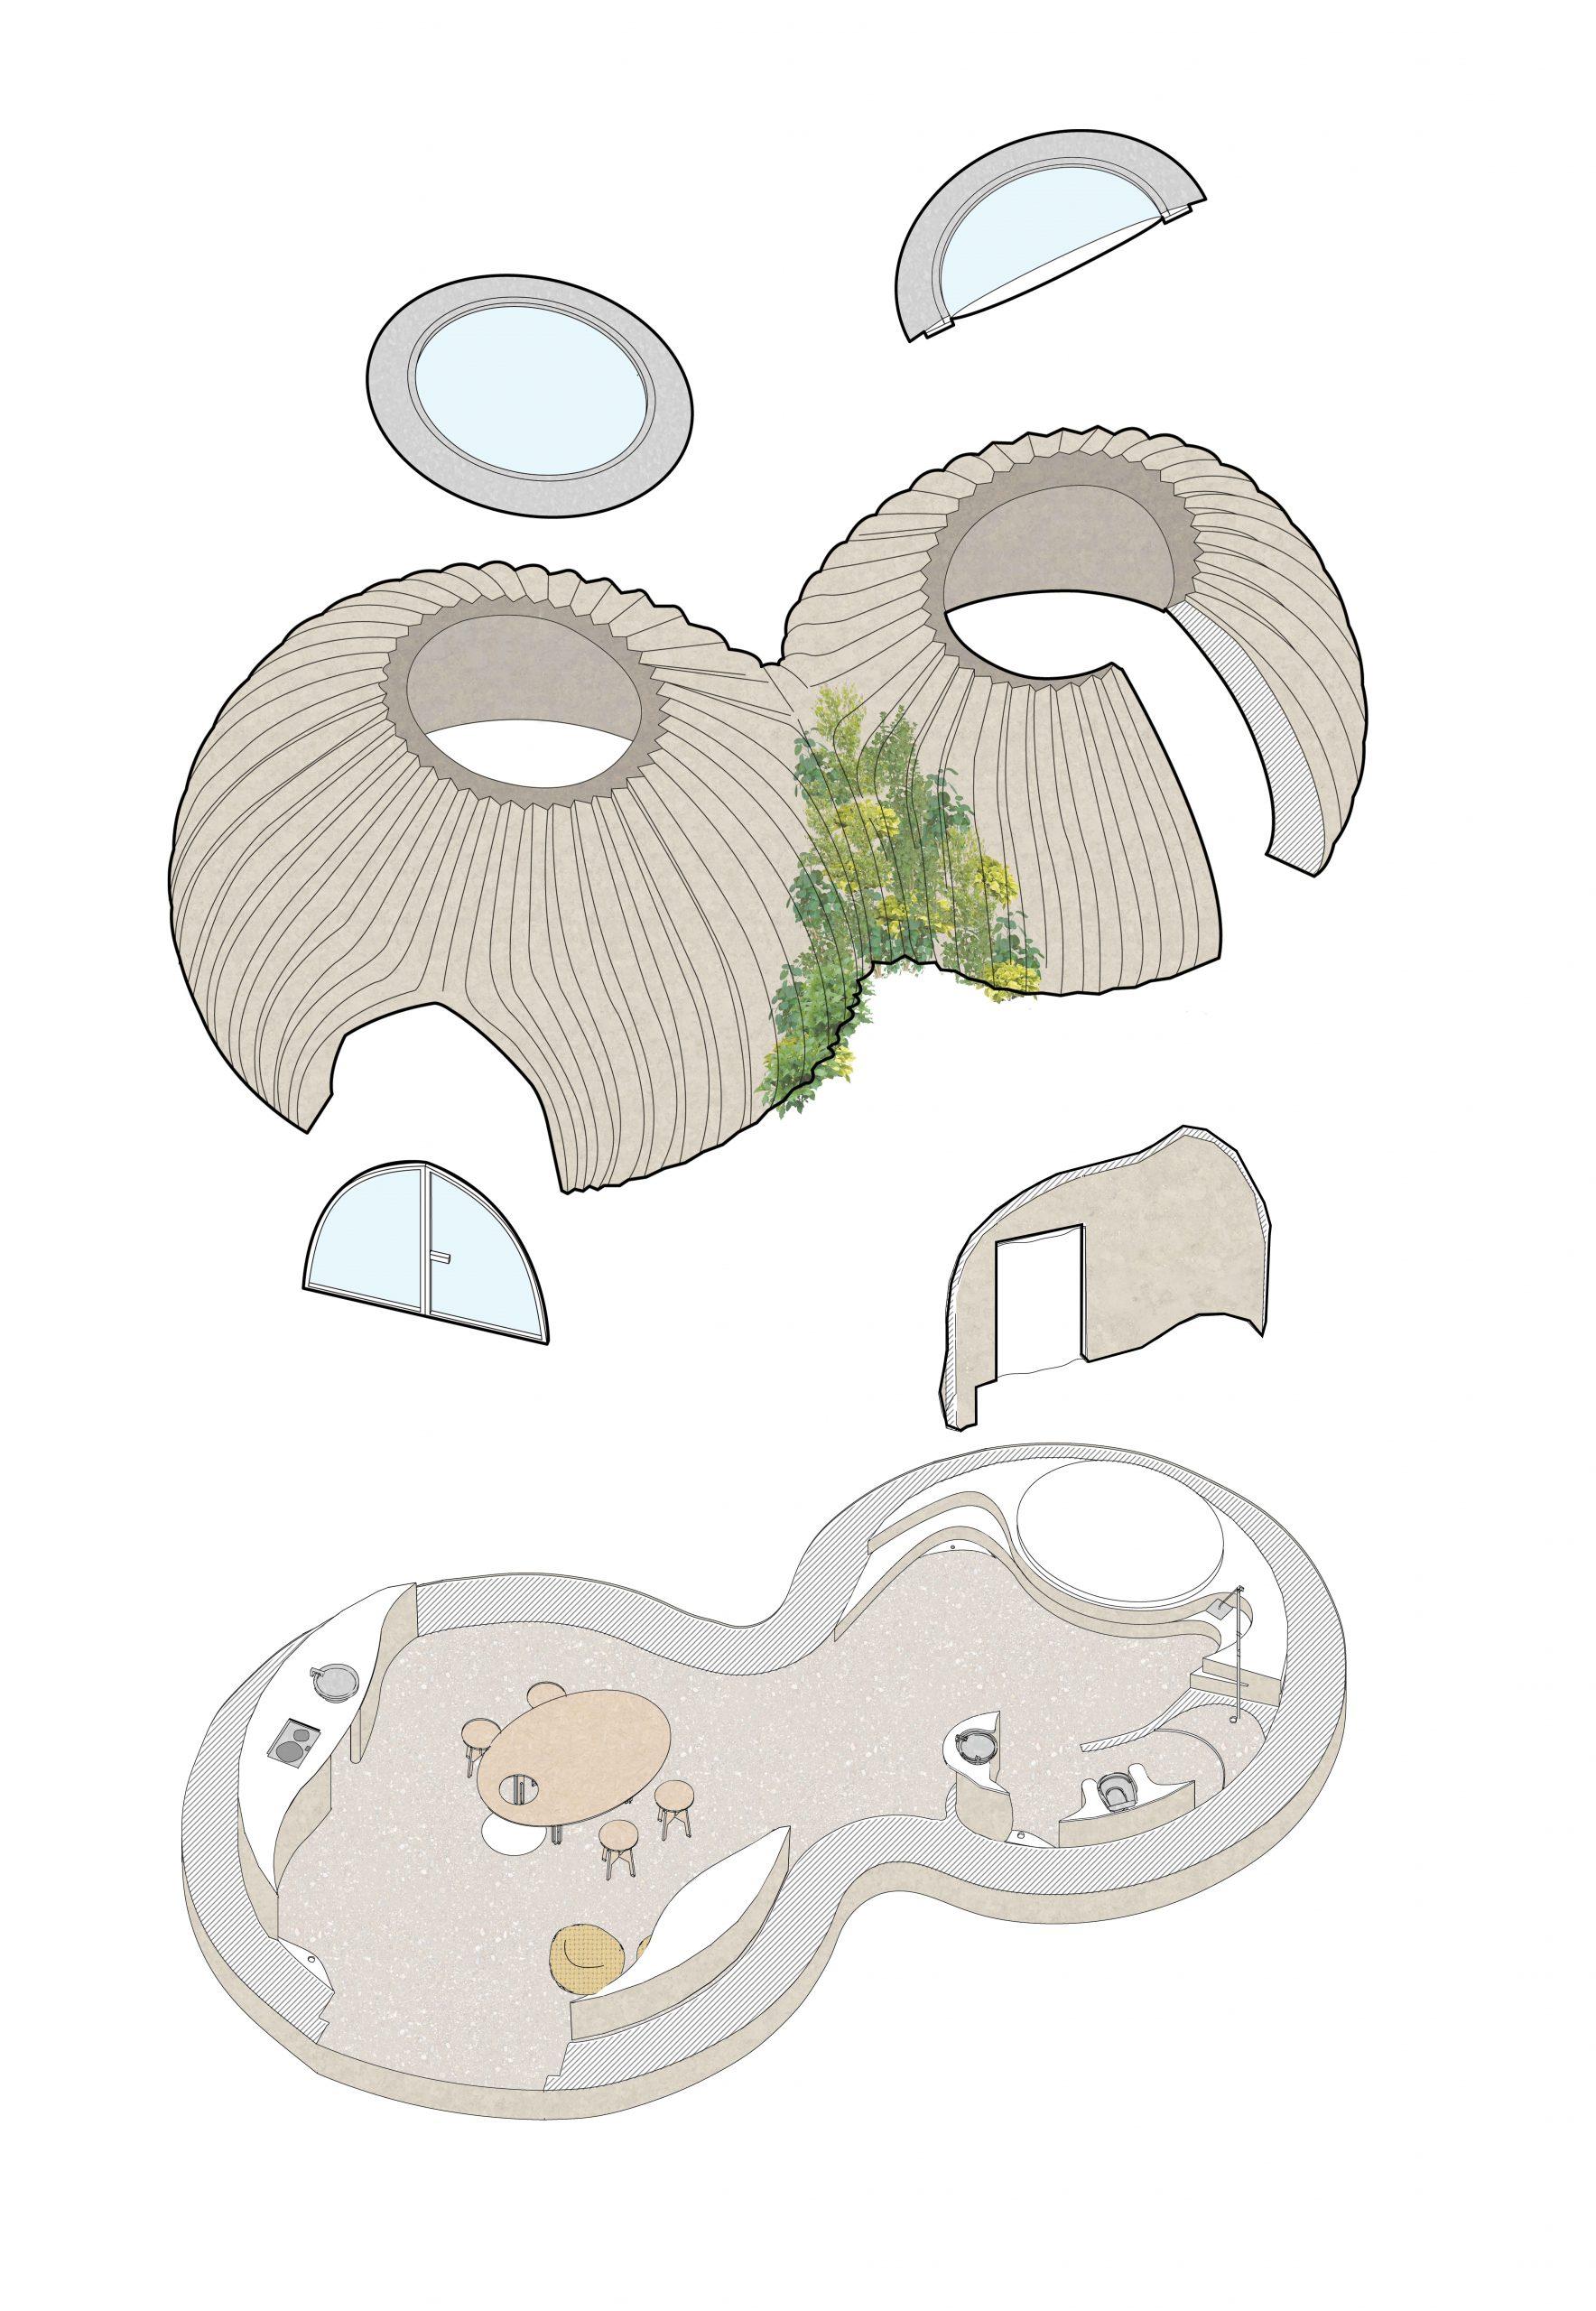 Lehmhäuser Architektur Skizze - Hausbau aus dem 3D Drucker